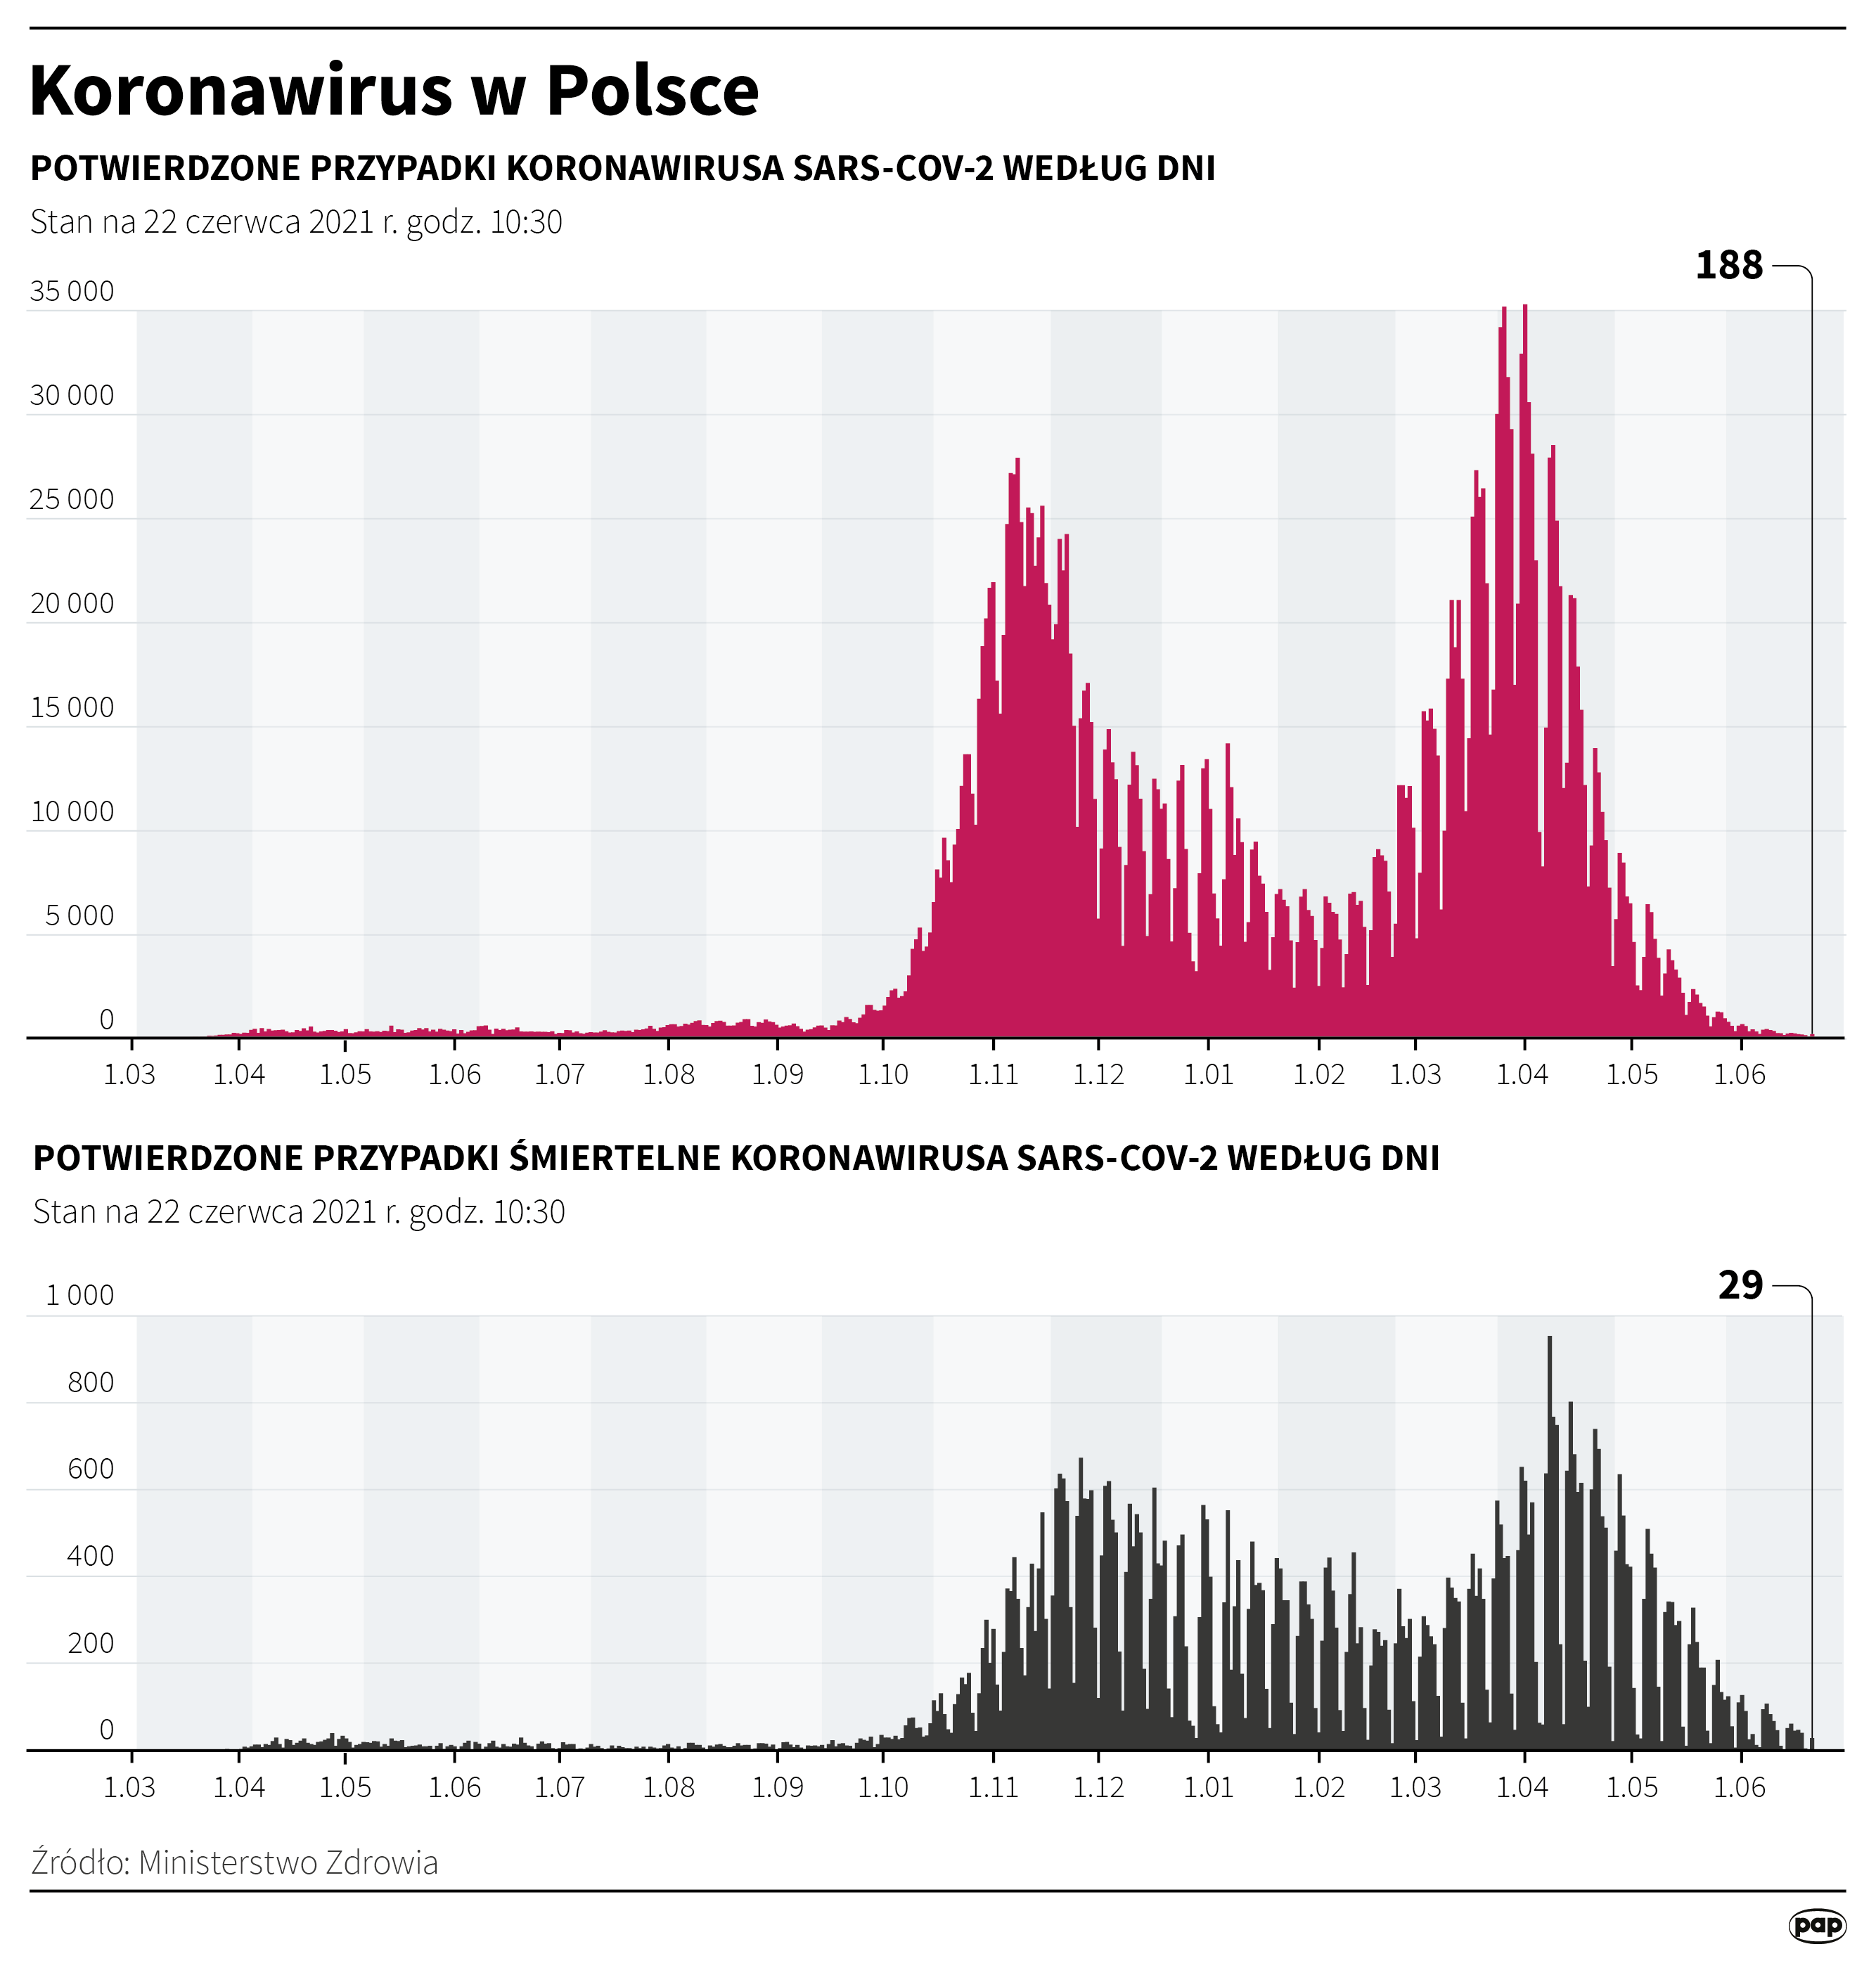 Koronawirus w Polsce - stan na 22 czerwca [Autor: Maciej Zieliński, źródło: PAP]